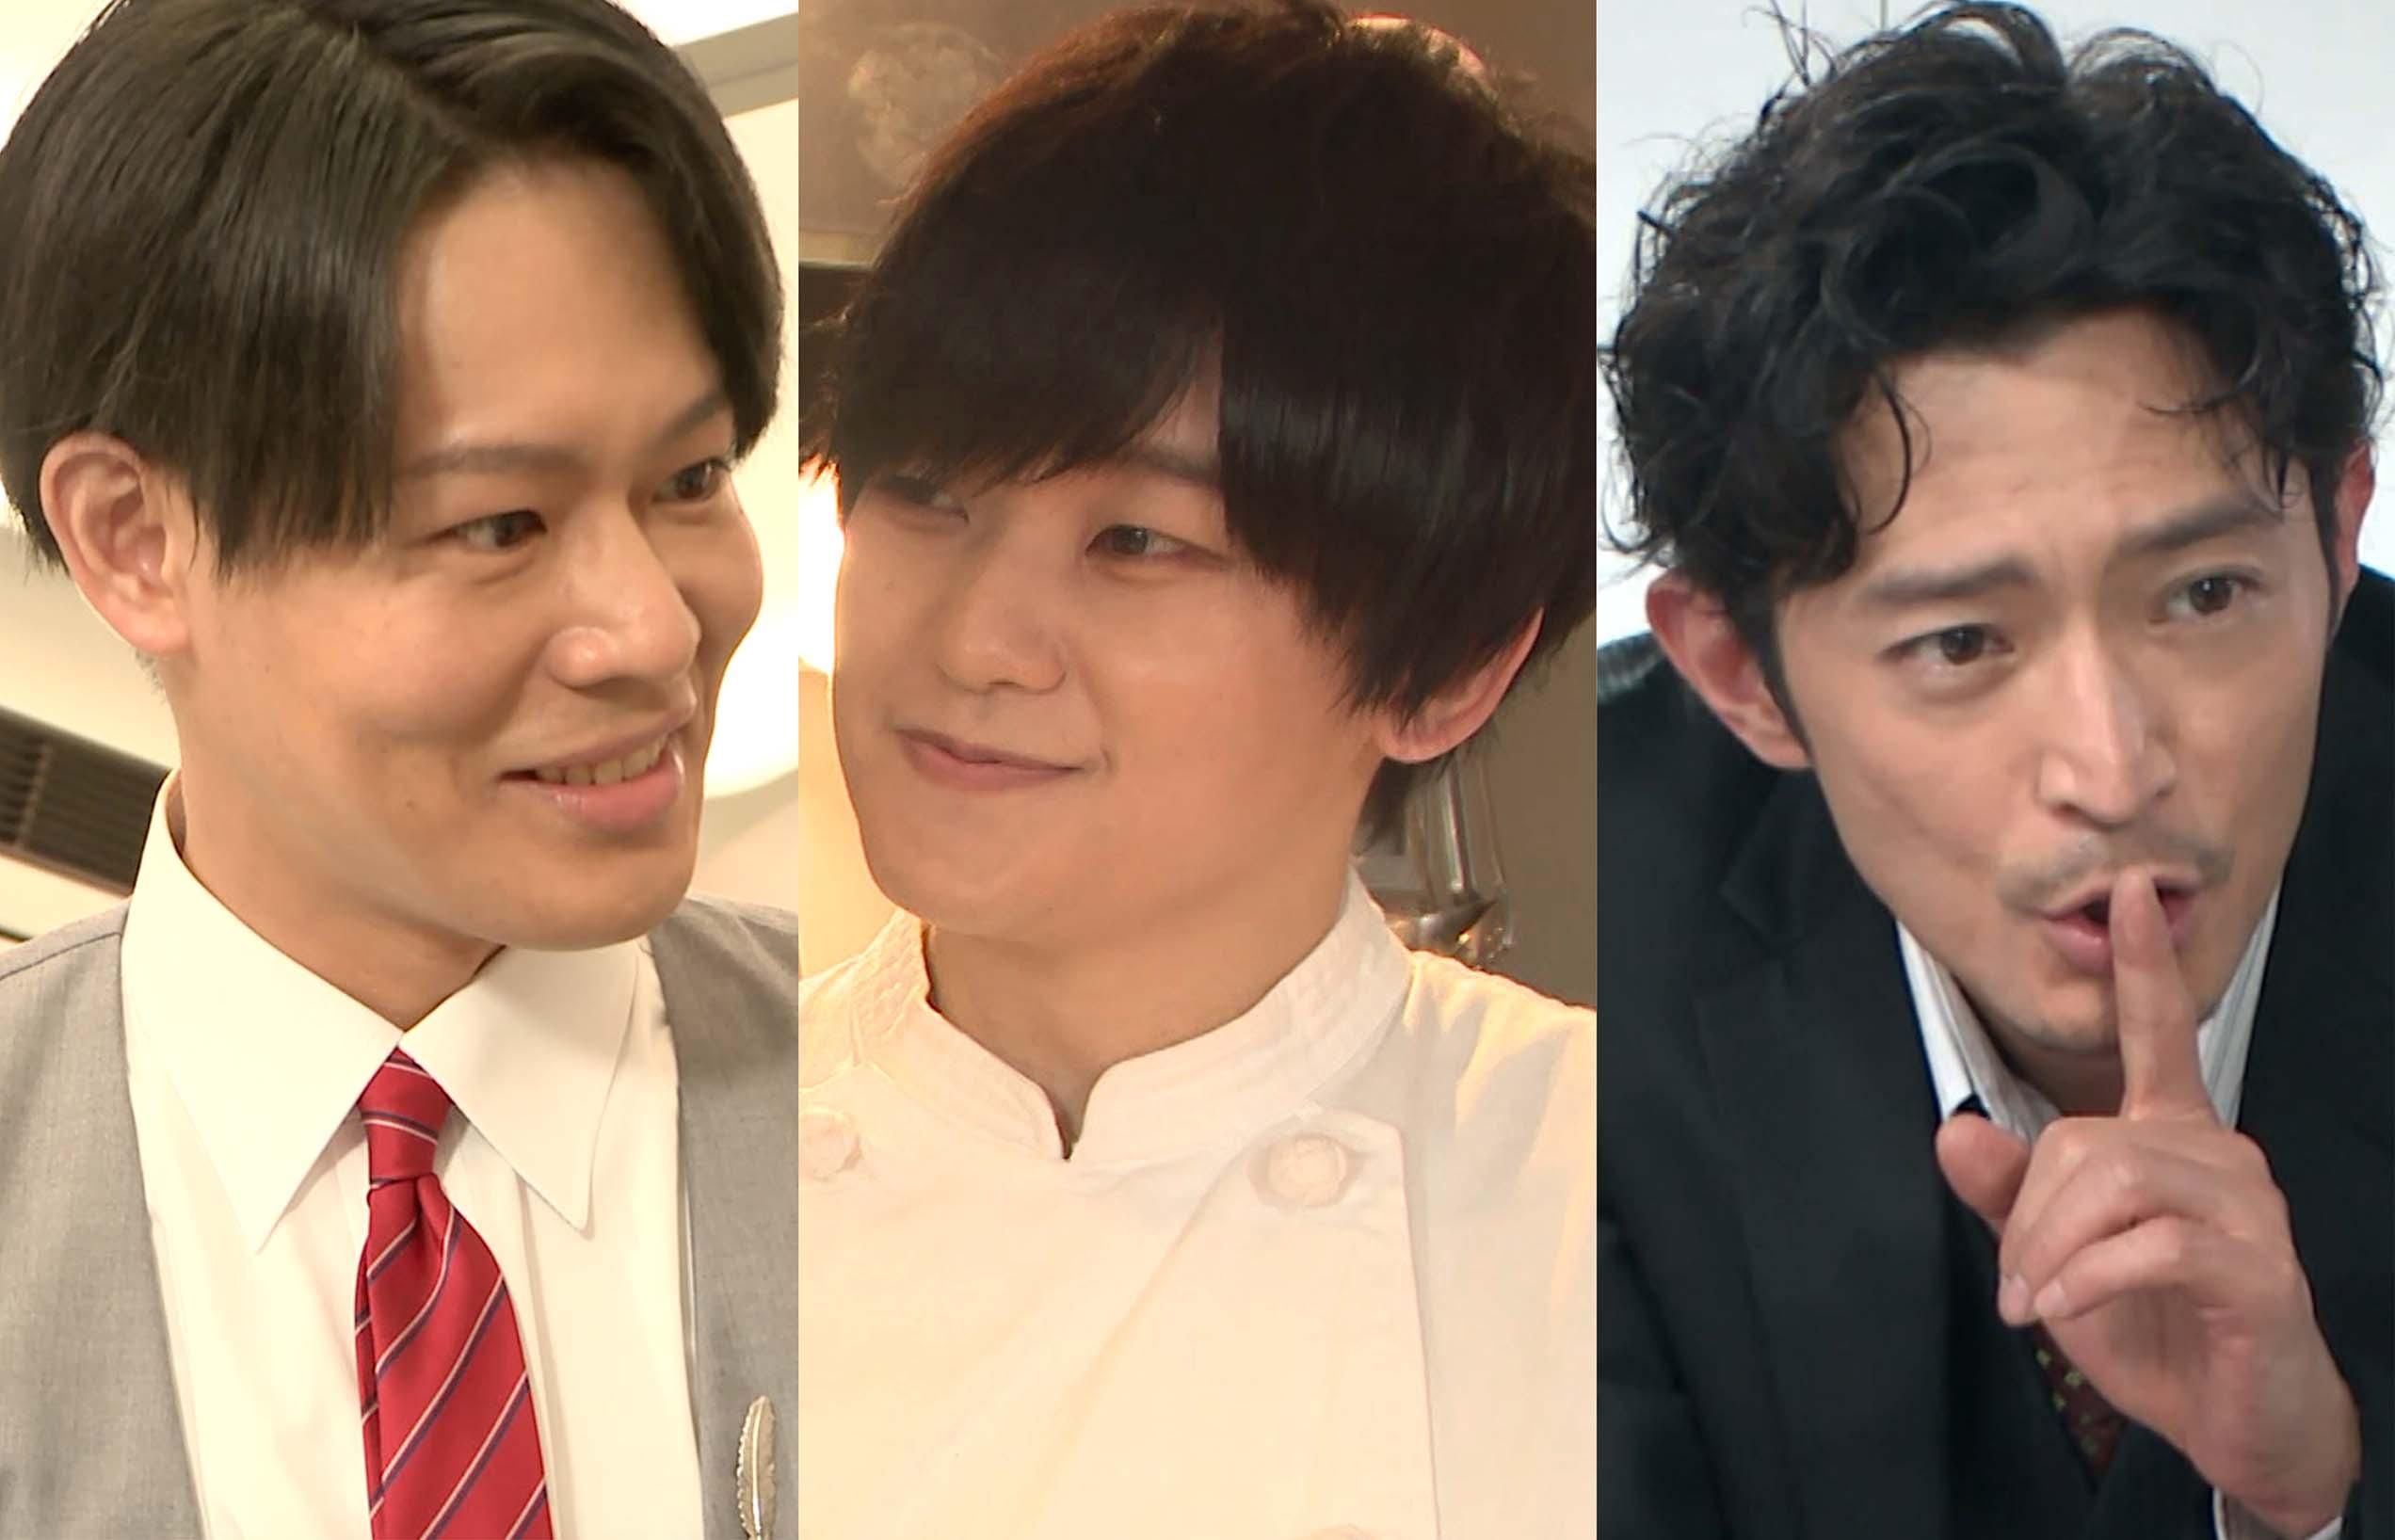 ヒプマイ声優が「スカッとジャパン」再現ドラマに実写で出演!人気シリーズイケボ声優神対応